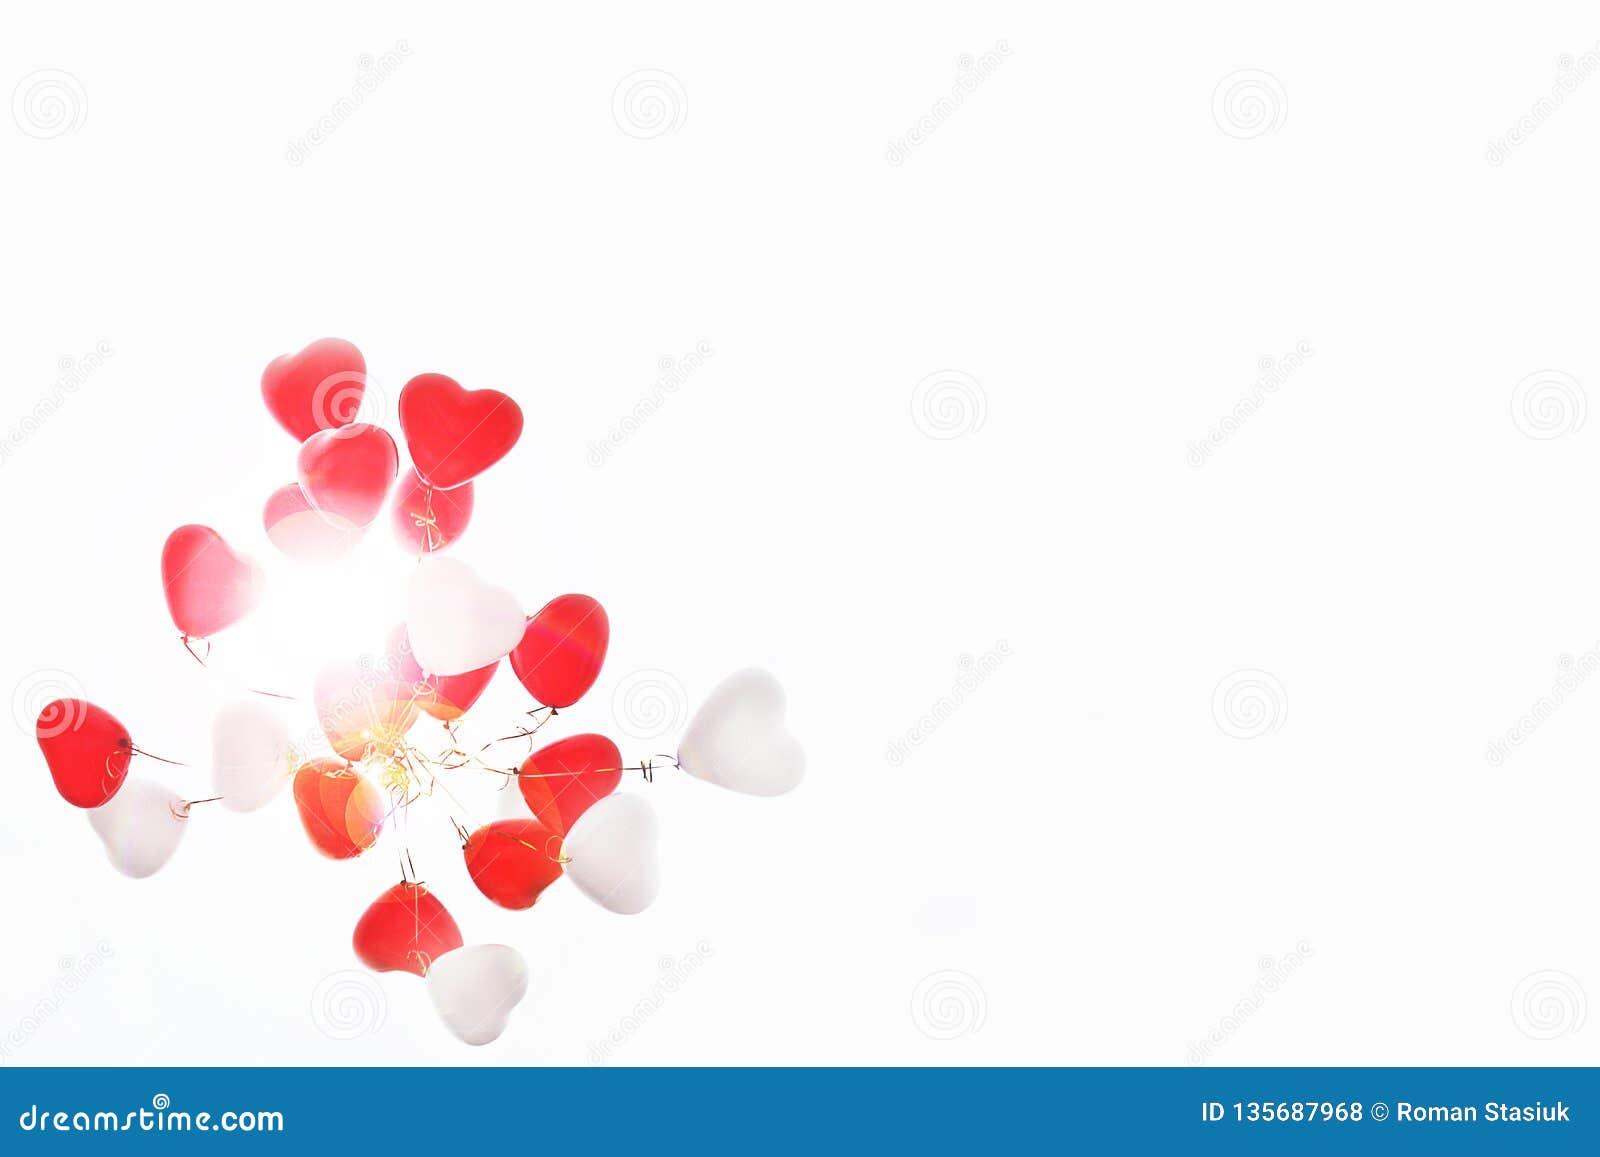 Воздушные шары в форме сердца в небе